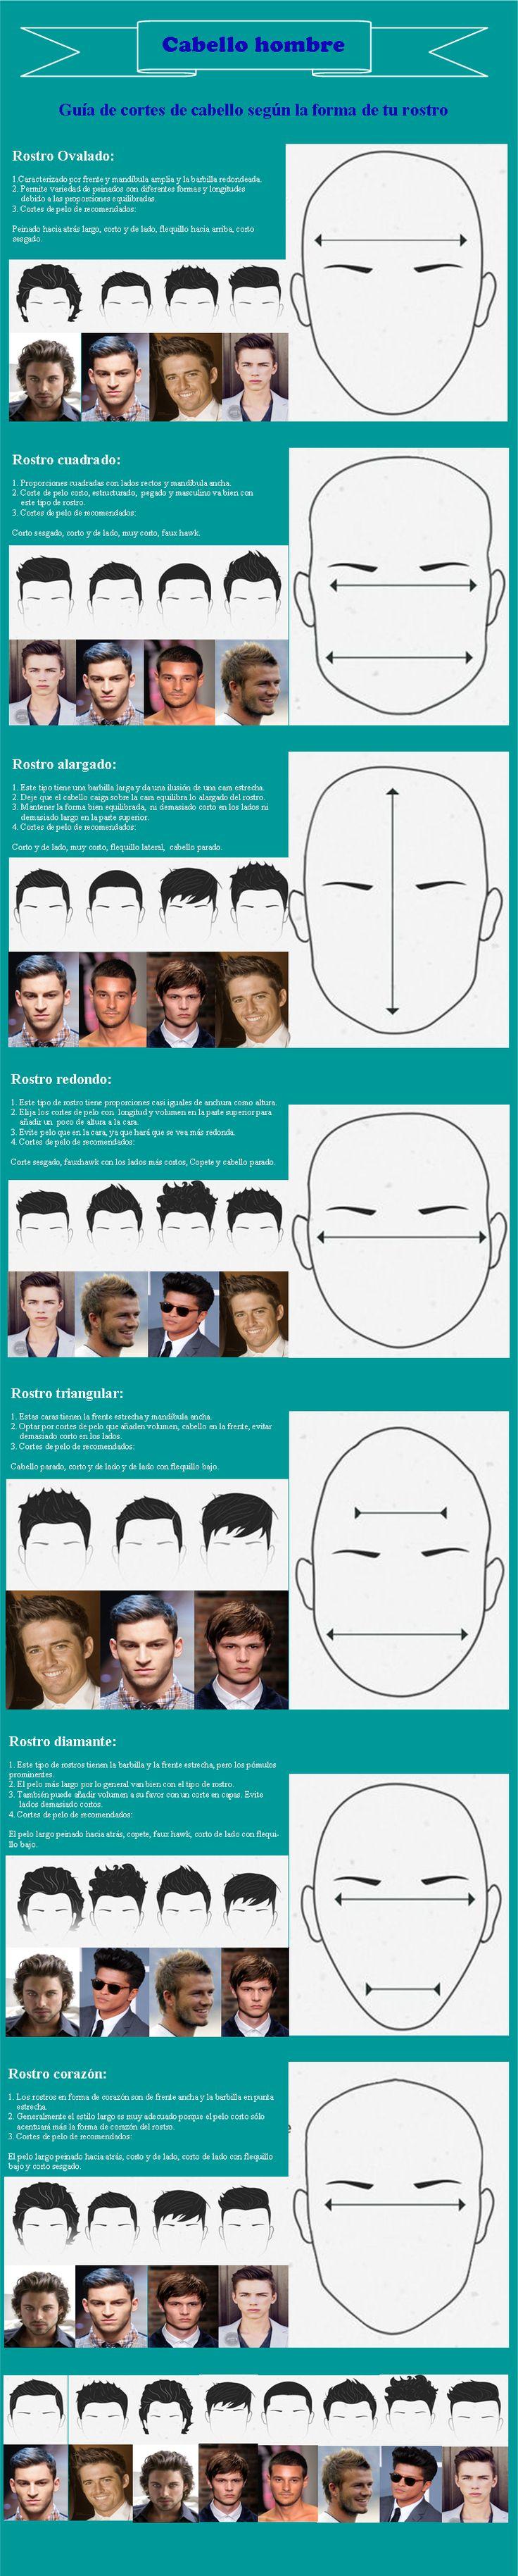 Cortes de cabelo de acordo com formato do rosto